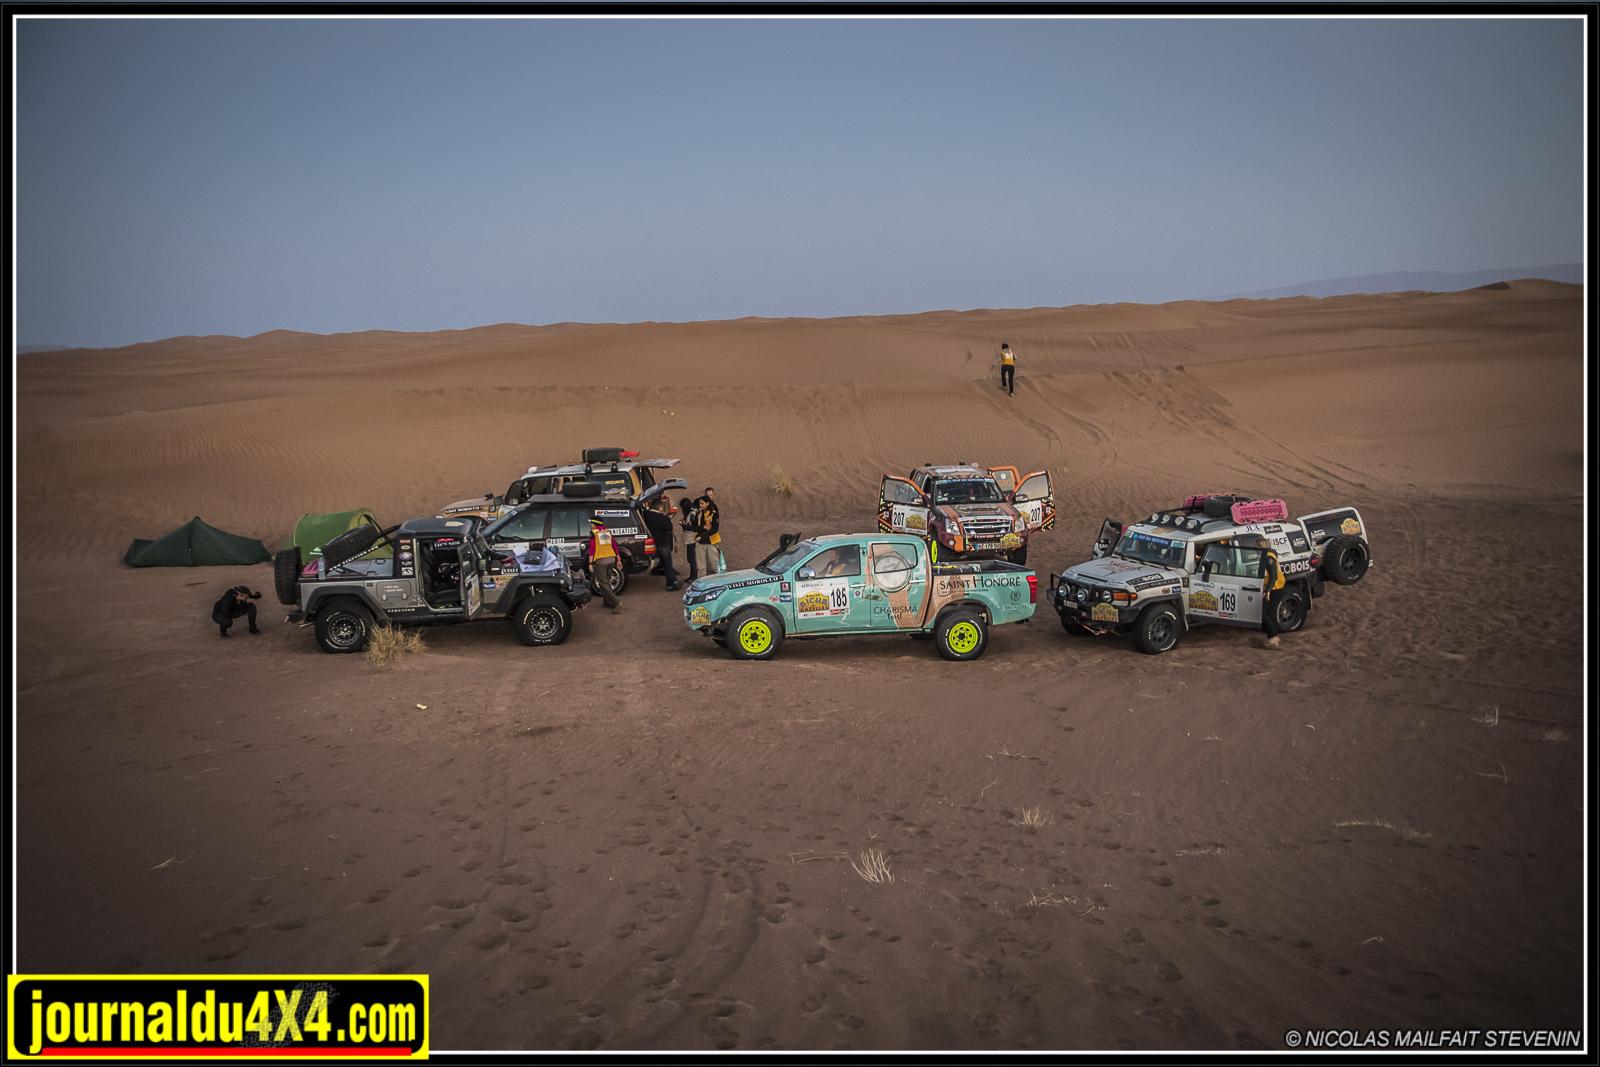 rallye-aicha-gazelles-maroc-2017-7403.jpg